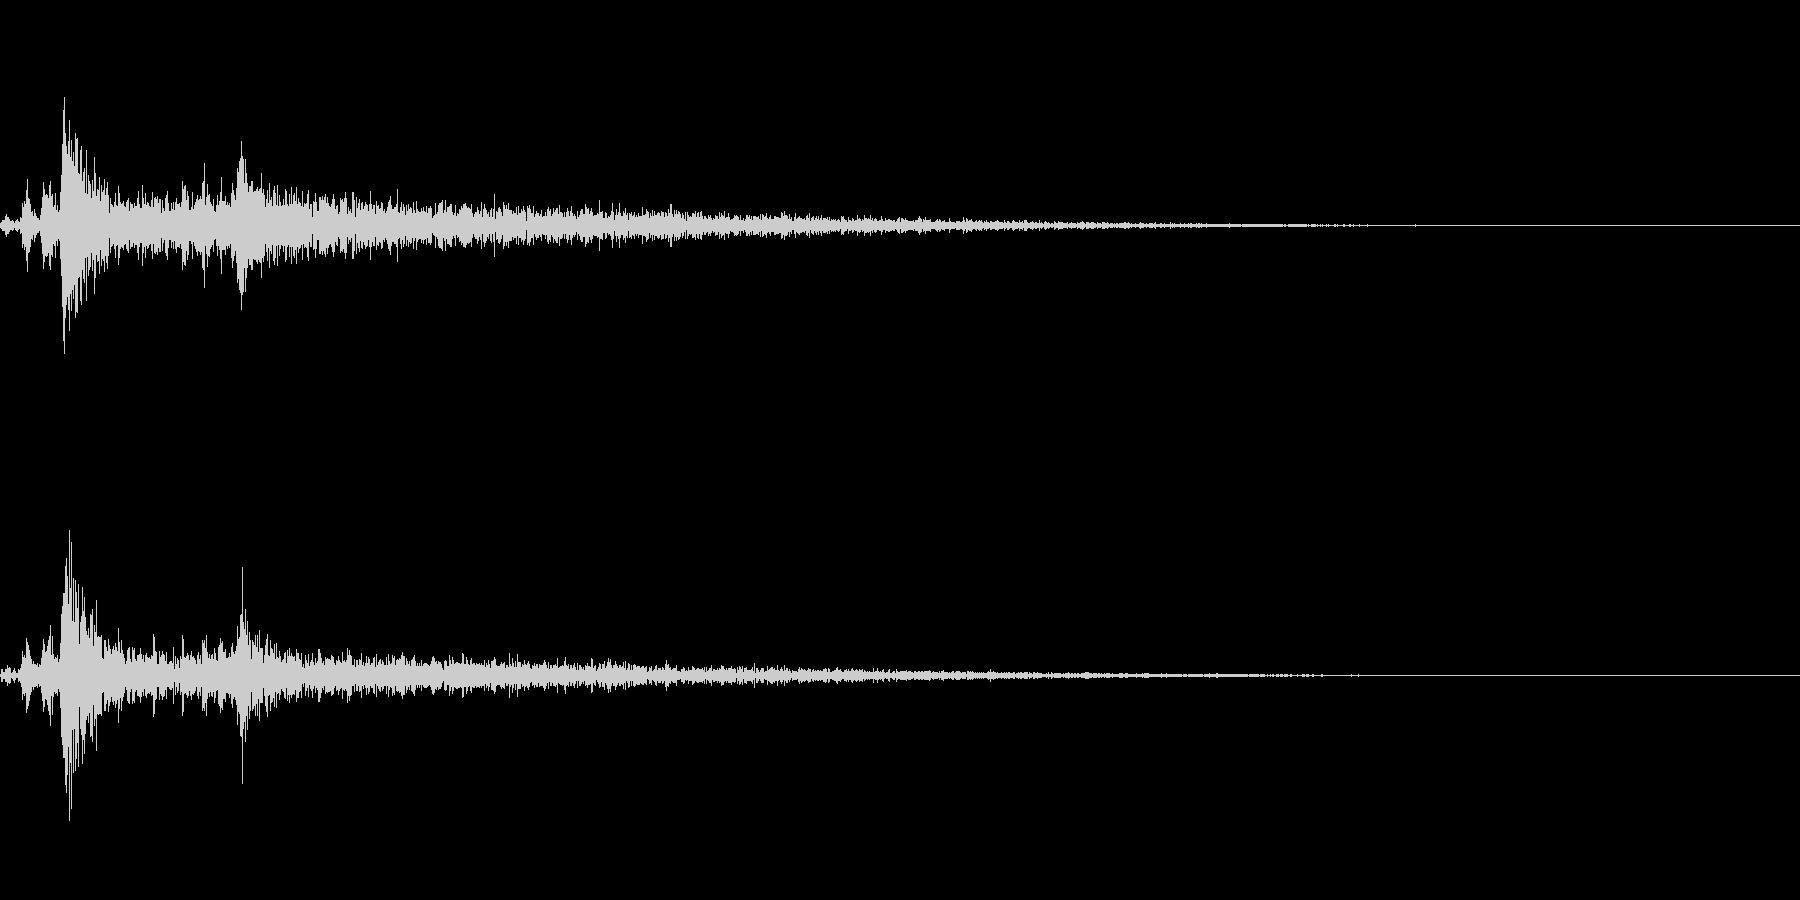 ライトイン(照明がつく音)の未再生の波形